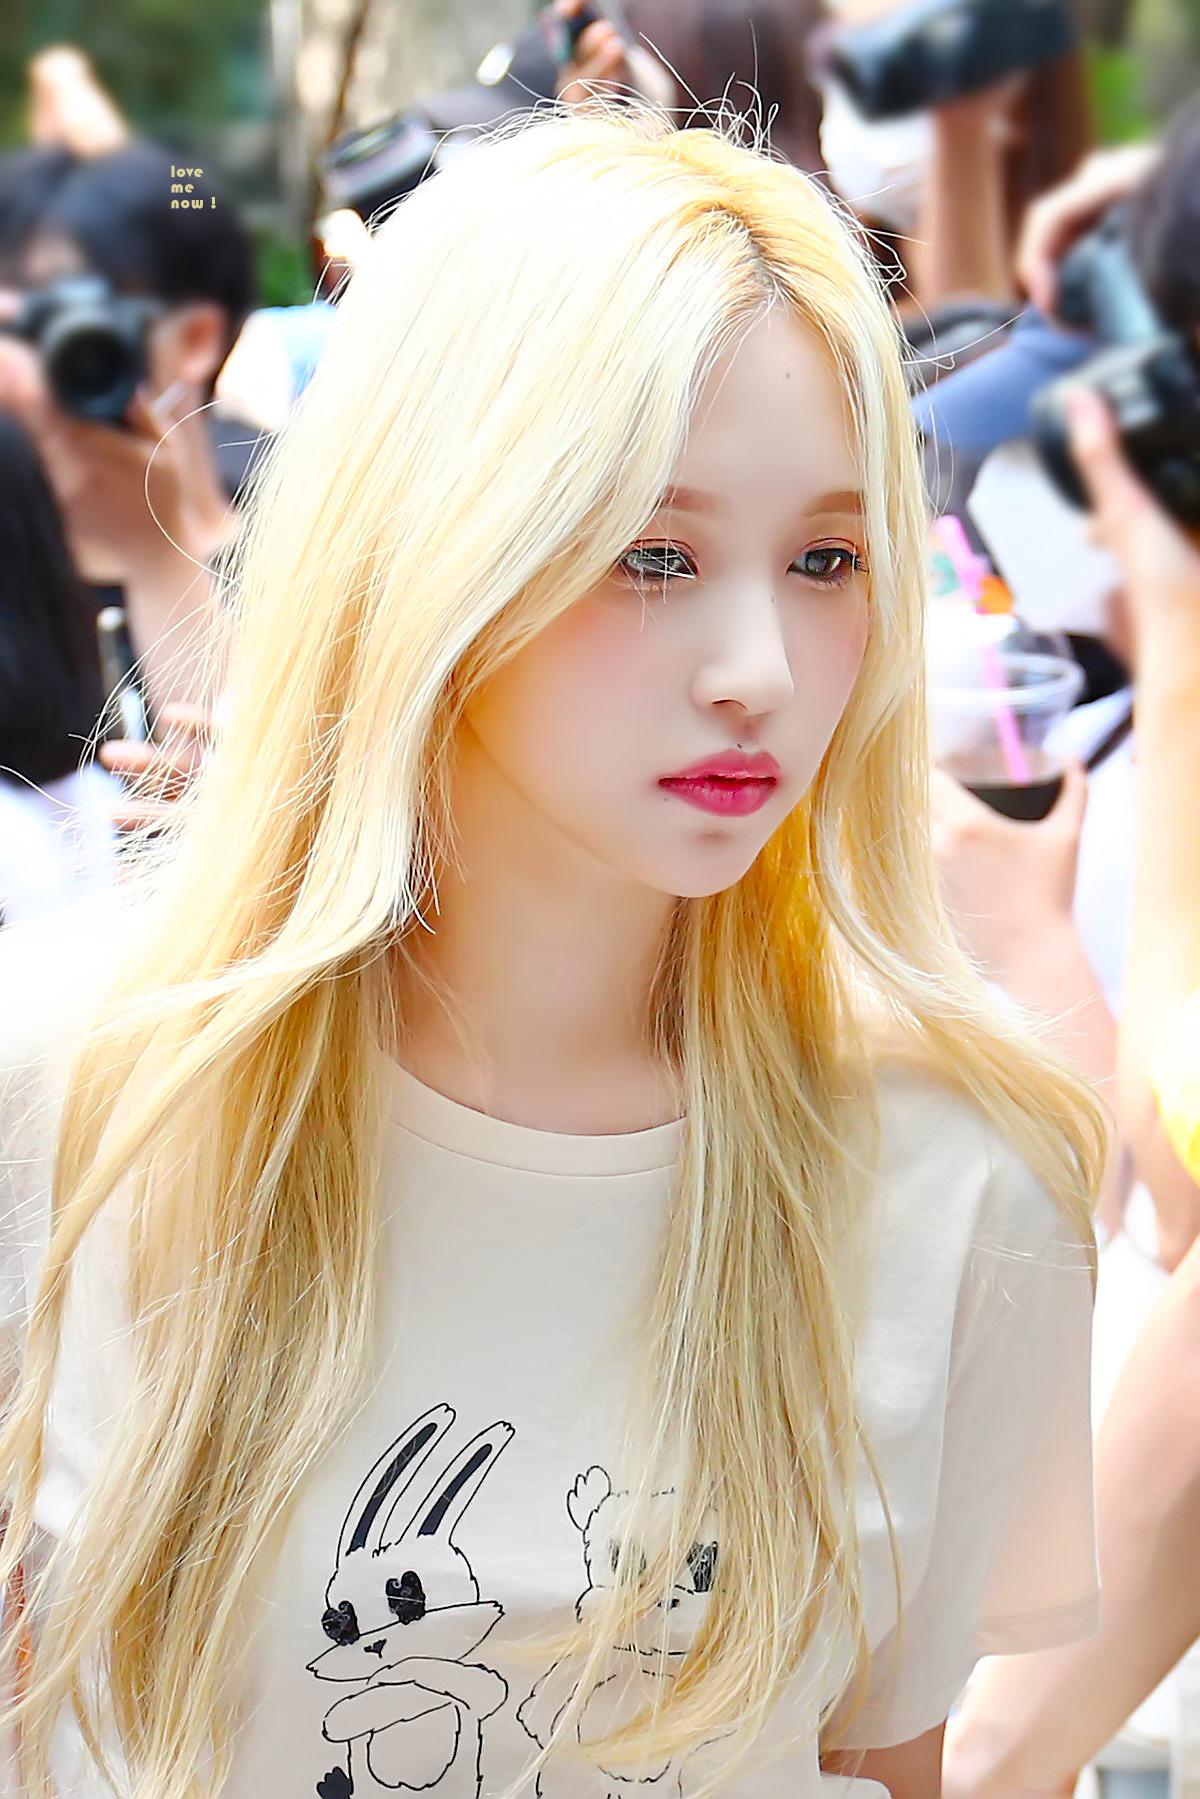 Những bức ảnh chất lượng cao huyền thoại của Mina (Twice) - 20